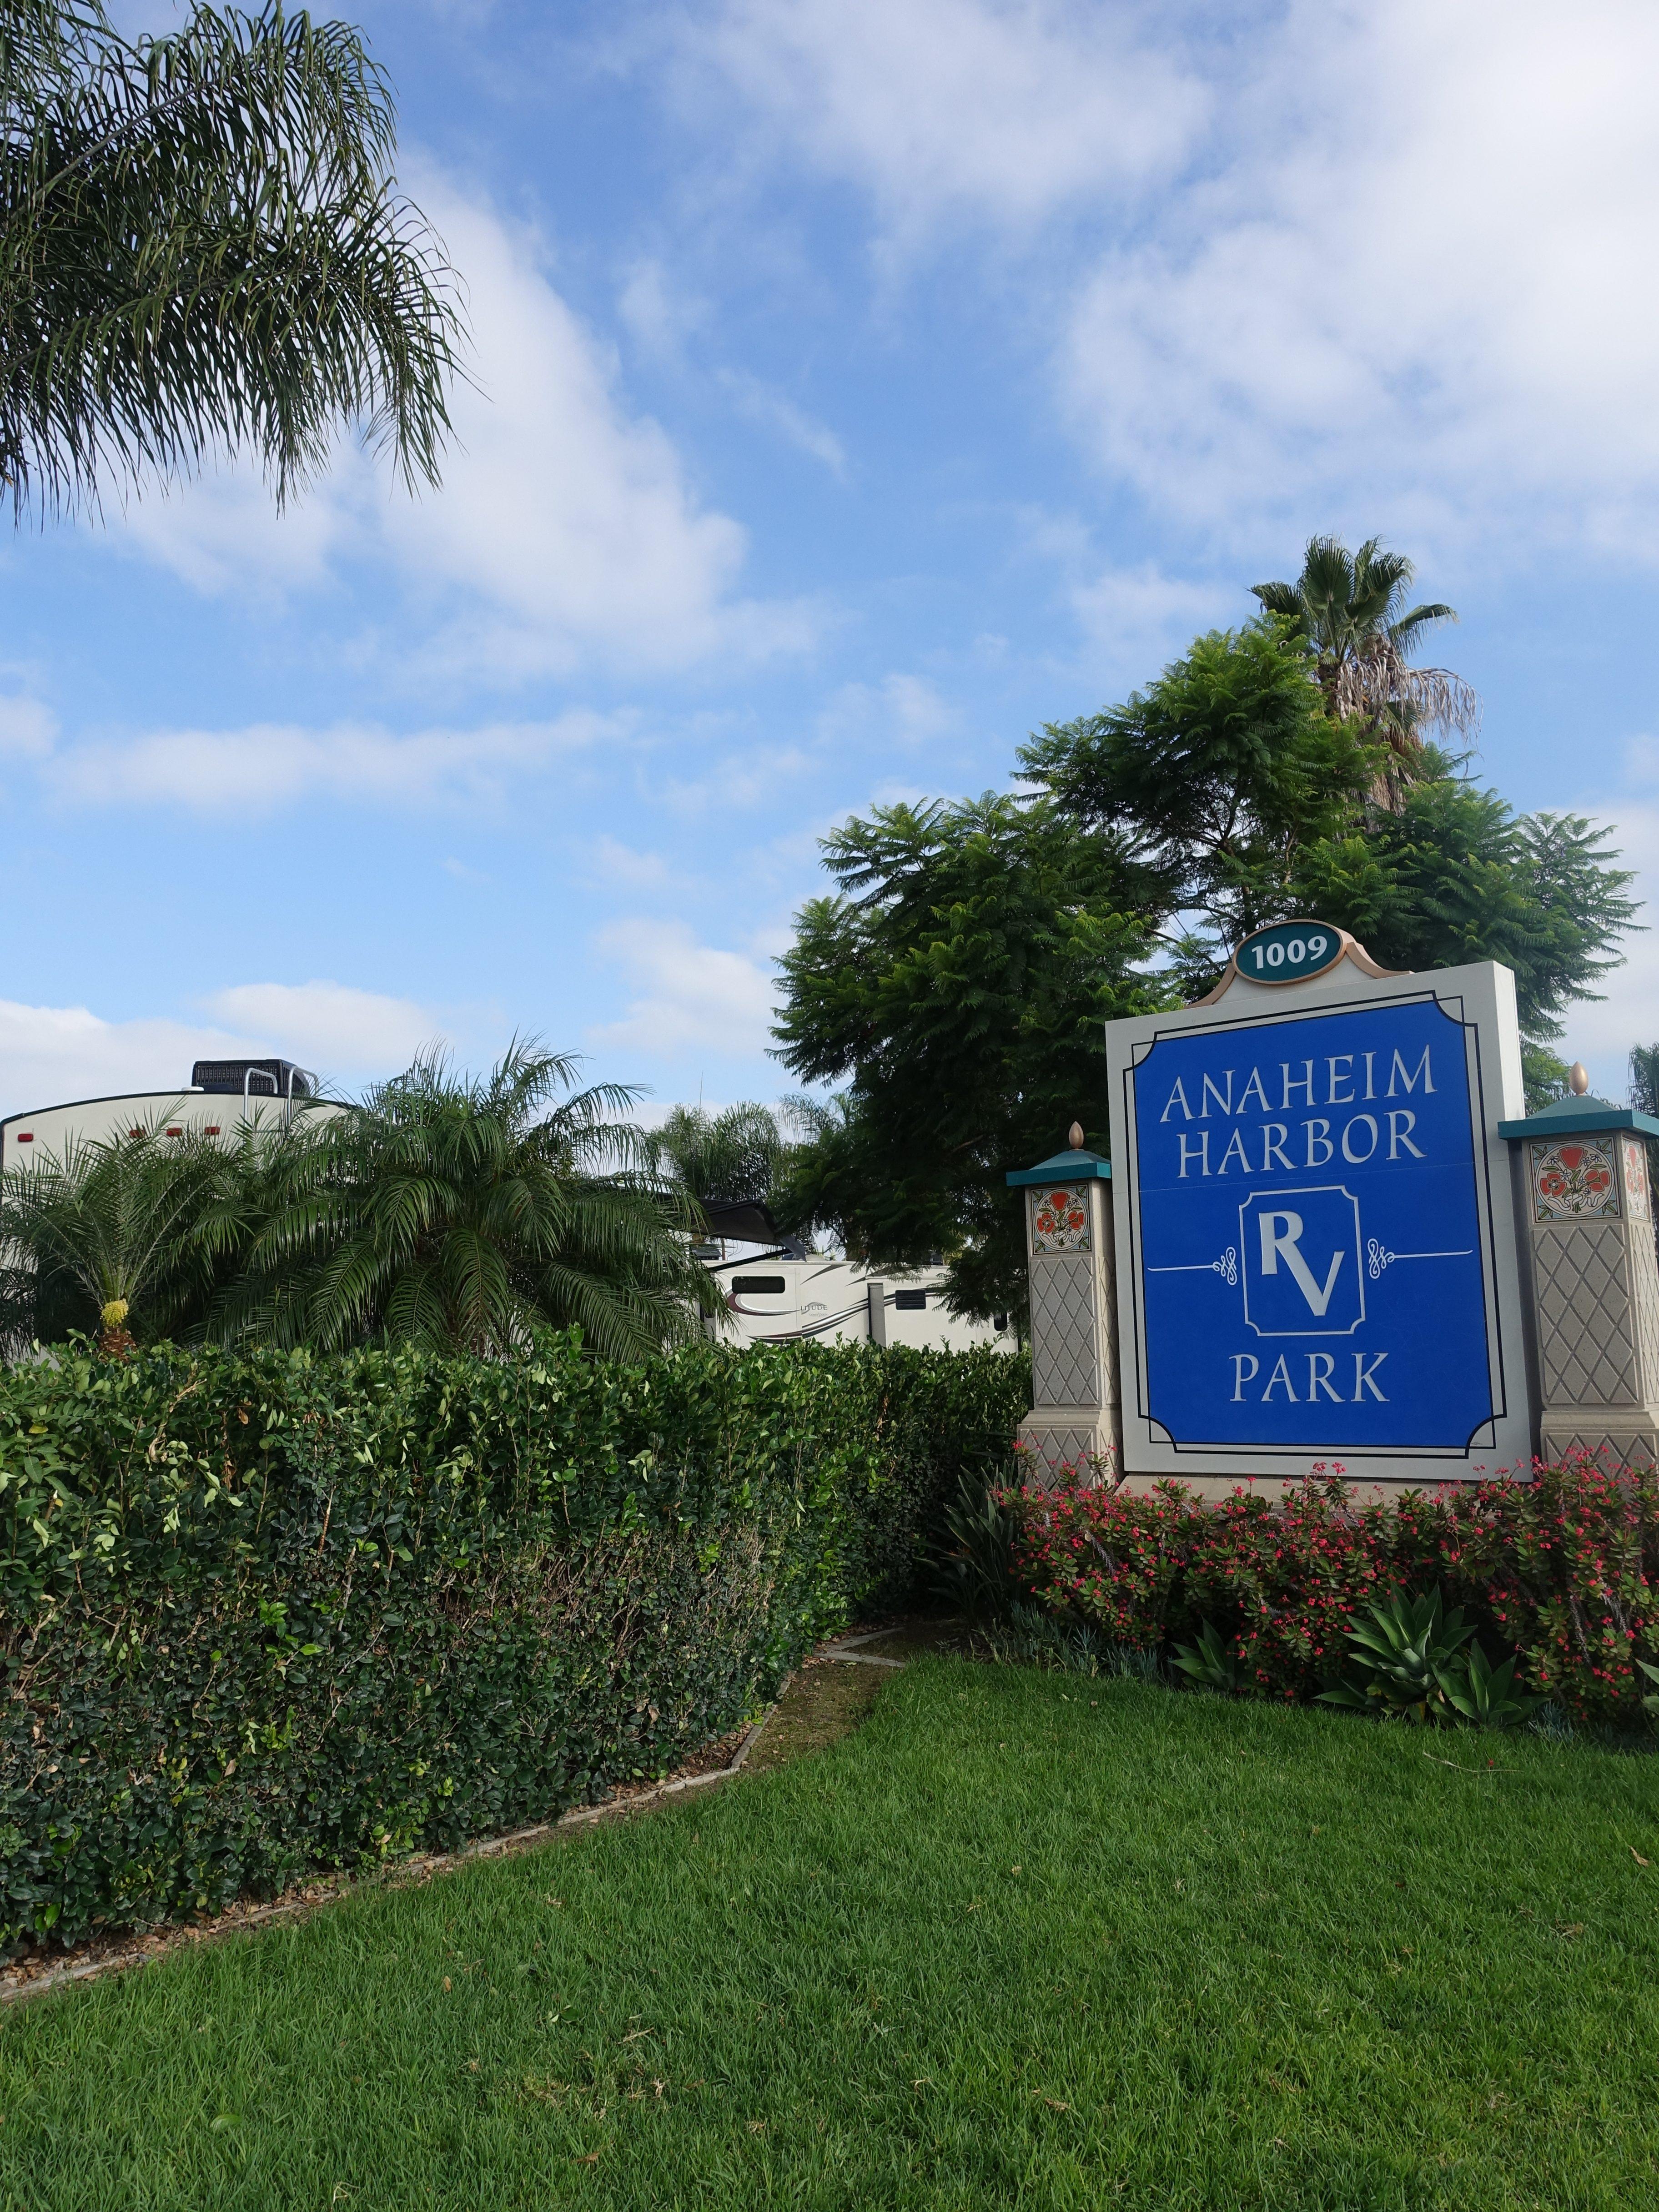 Anaheim Harbor Rv Park Photo Gallery